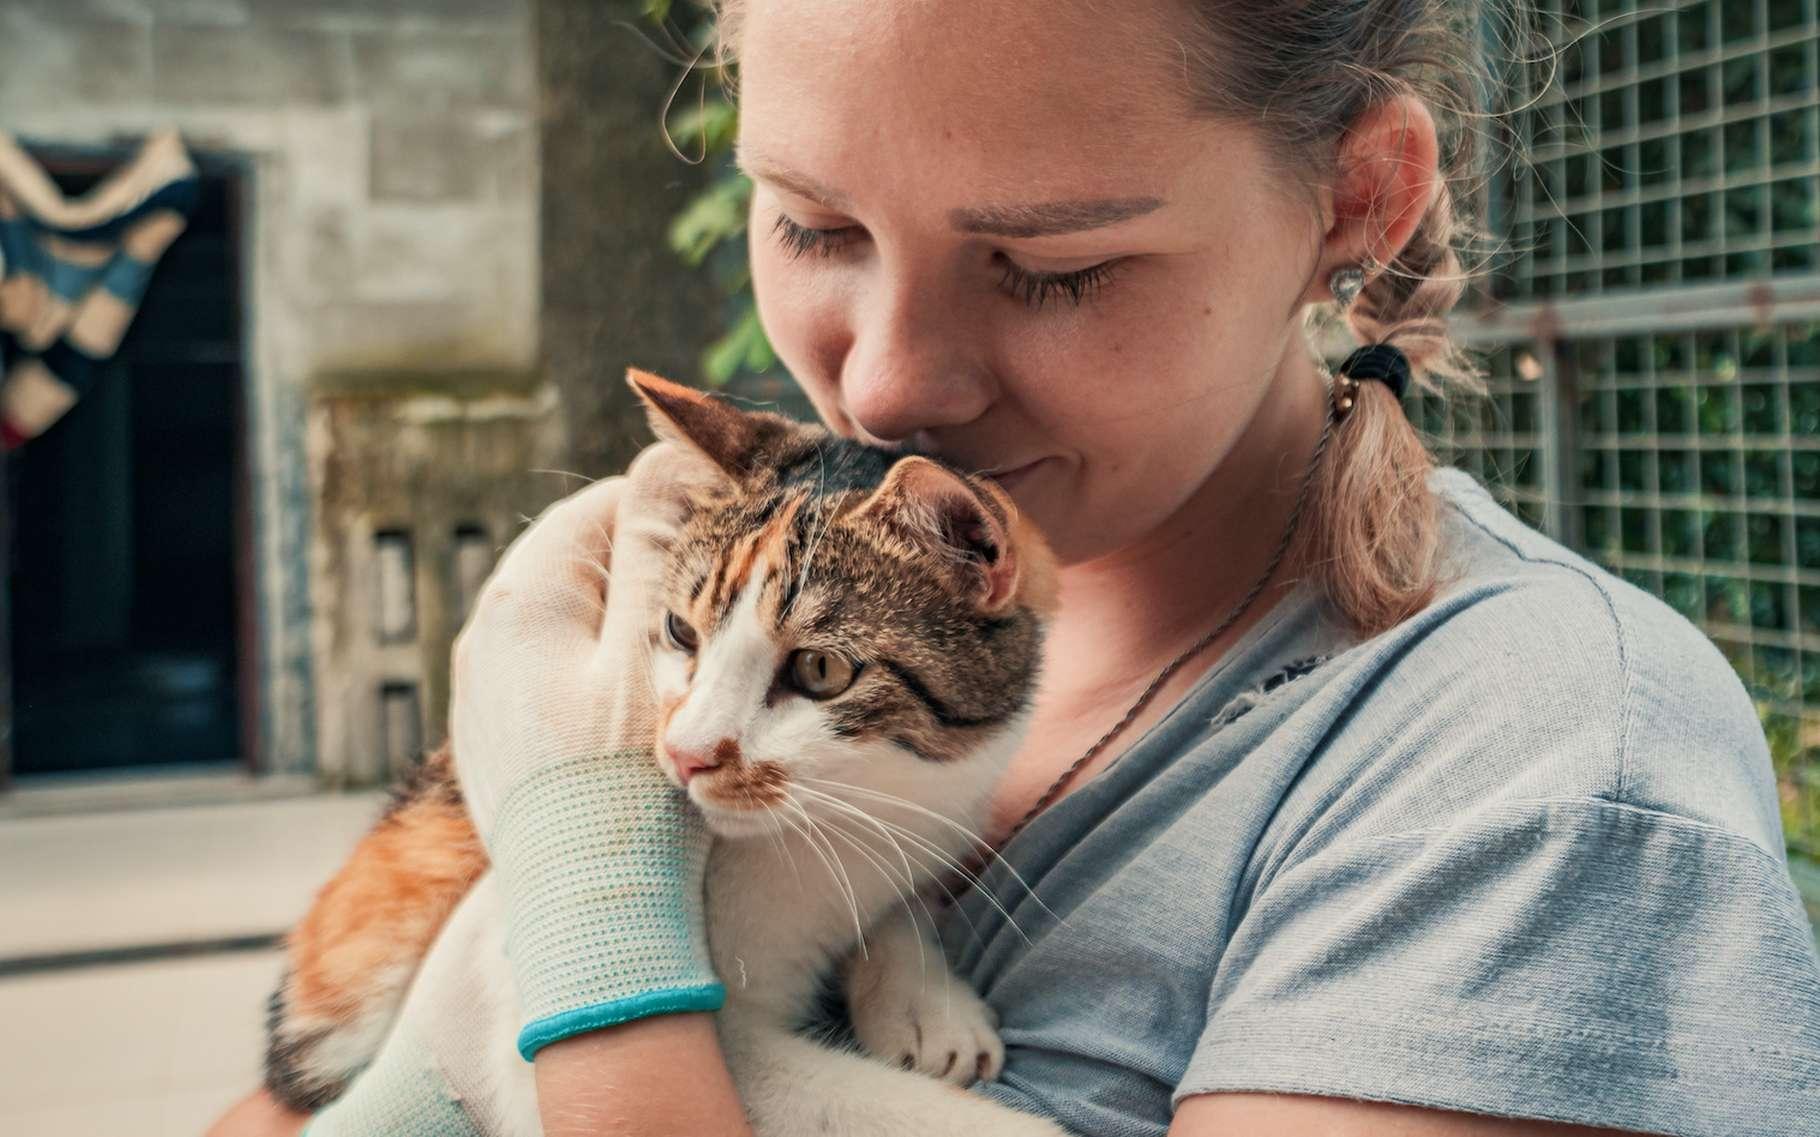 Il existe de nombreuses façons de défendre la cause animale au quotidien. © Евгений Бахчев, Adobe Stock